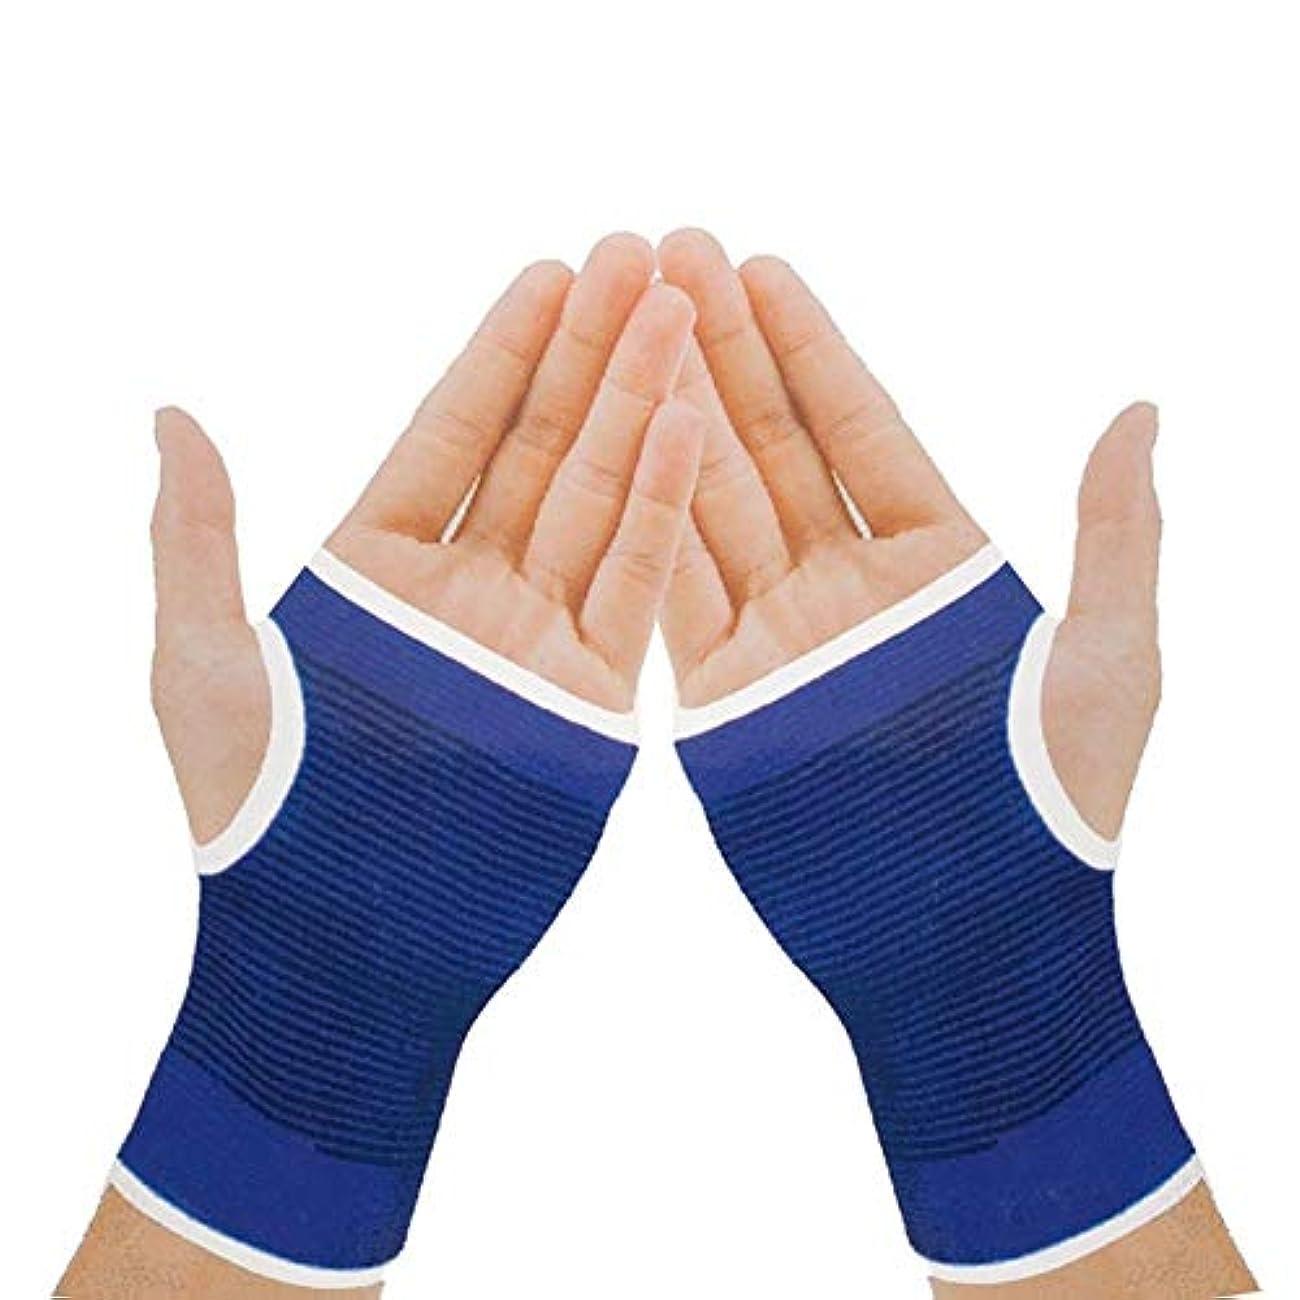 世論調査ボーナスビーム弾性手首ハンドブレース手首グローブパーム手首ハンドサポート手袋ブレーススリーブ包帯ラップの痛みを軽減する関節の痛みジムスポーツサポート1ペア